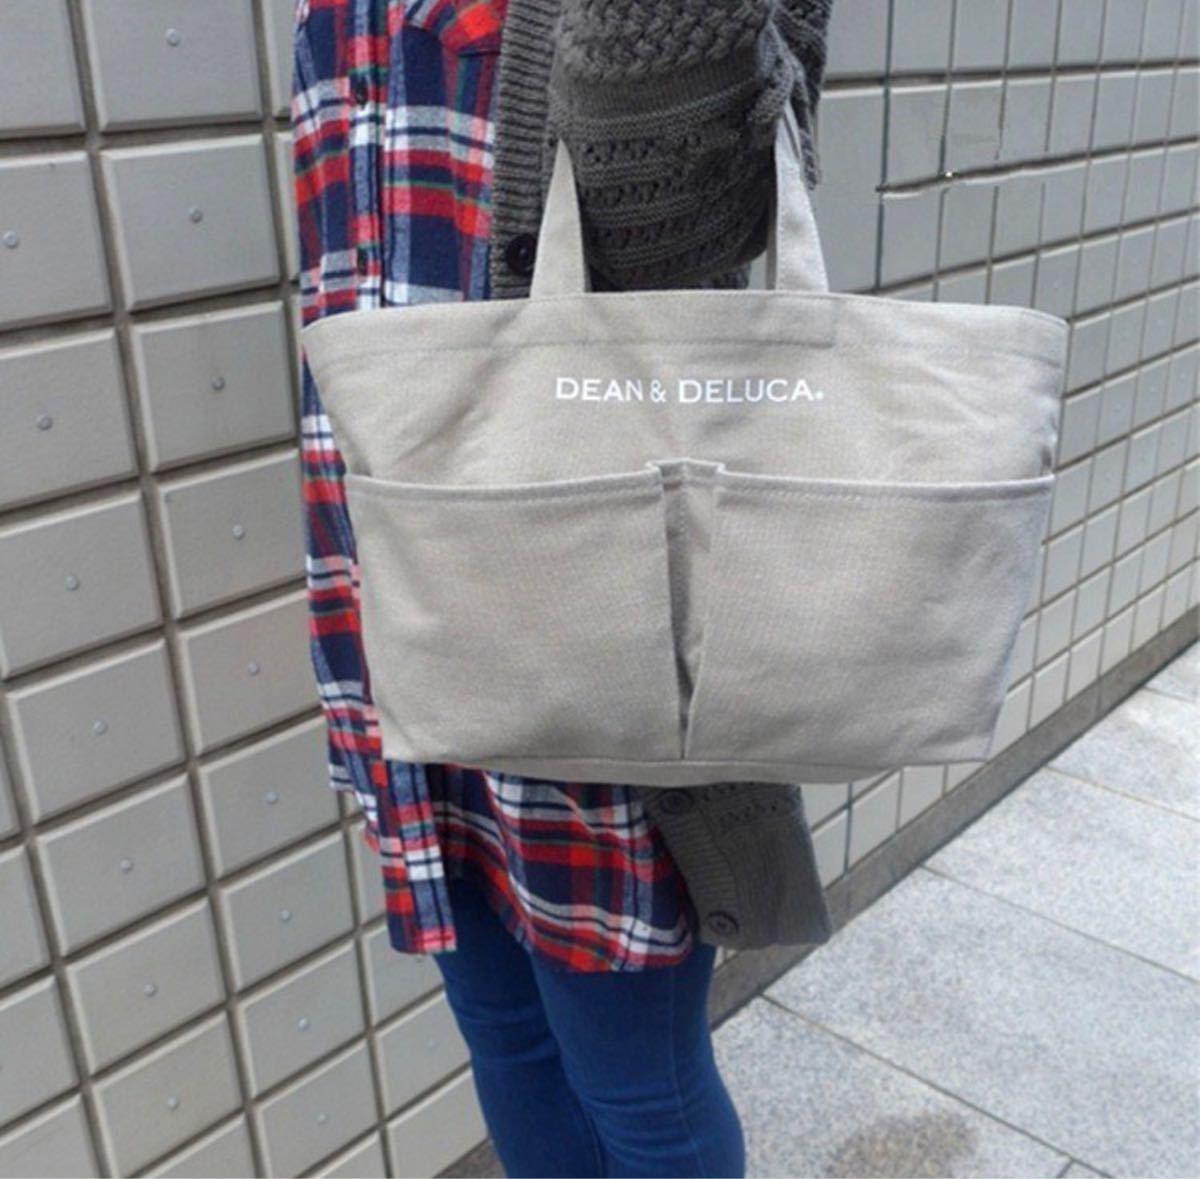 DEAN&DELUCA エコバッグ キャンバストート バッグ 新品未使用